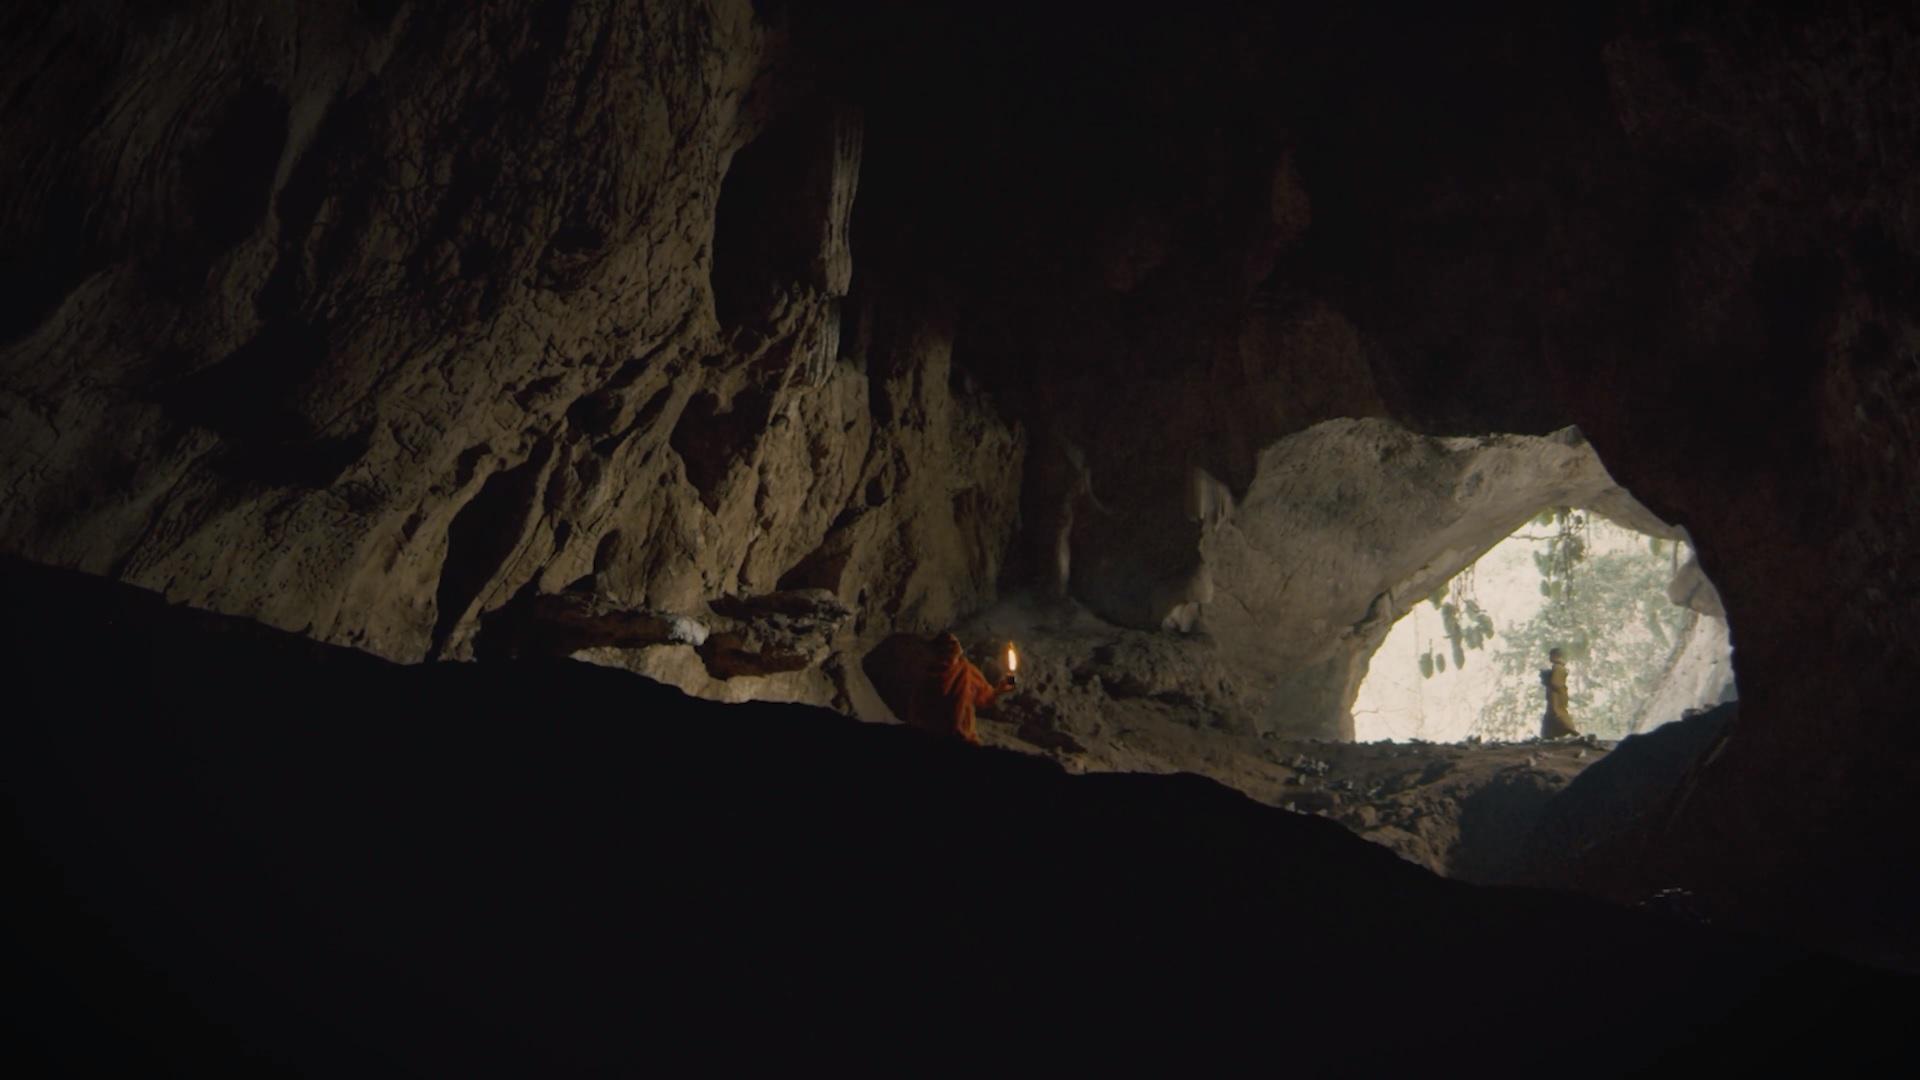 [ตัวอย่างหนัง] ถ้ำอสูร (The Cave)